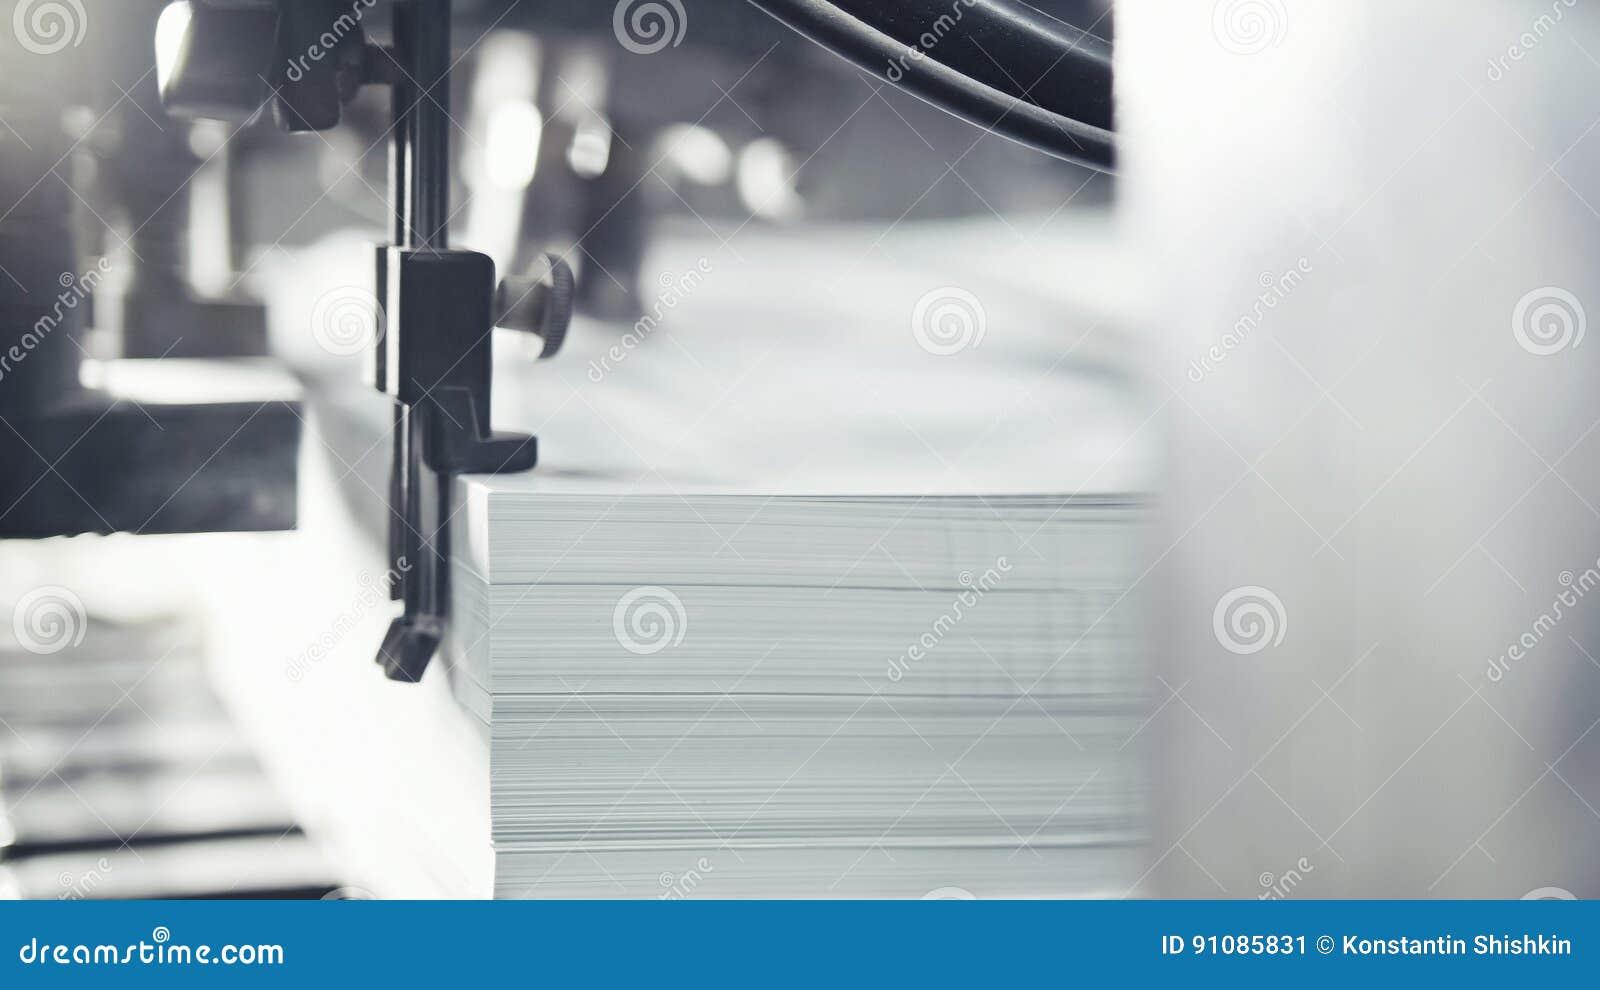 Des feuilles de papier imprimées sont servies dans la presse typographique Compensation, CMYK